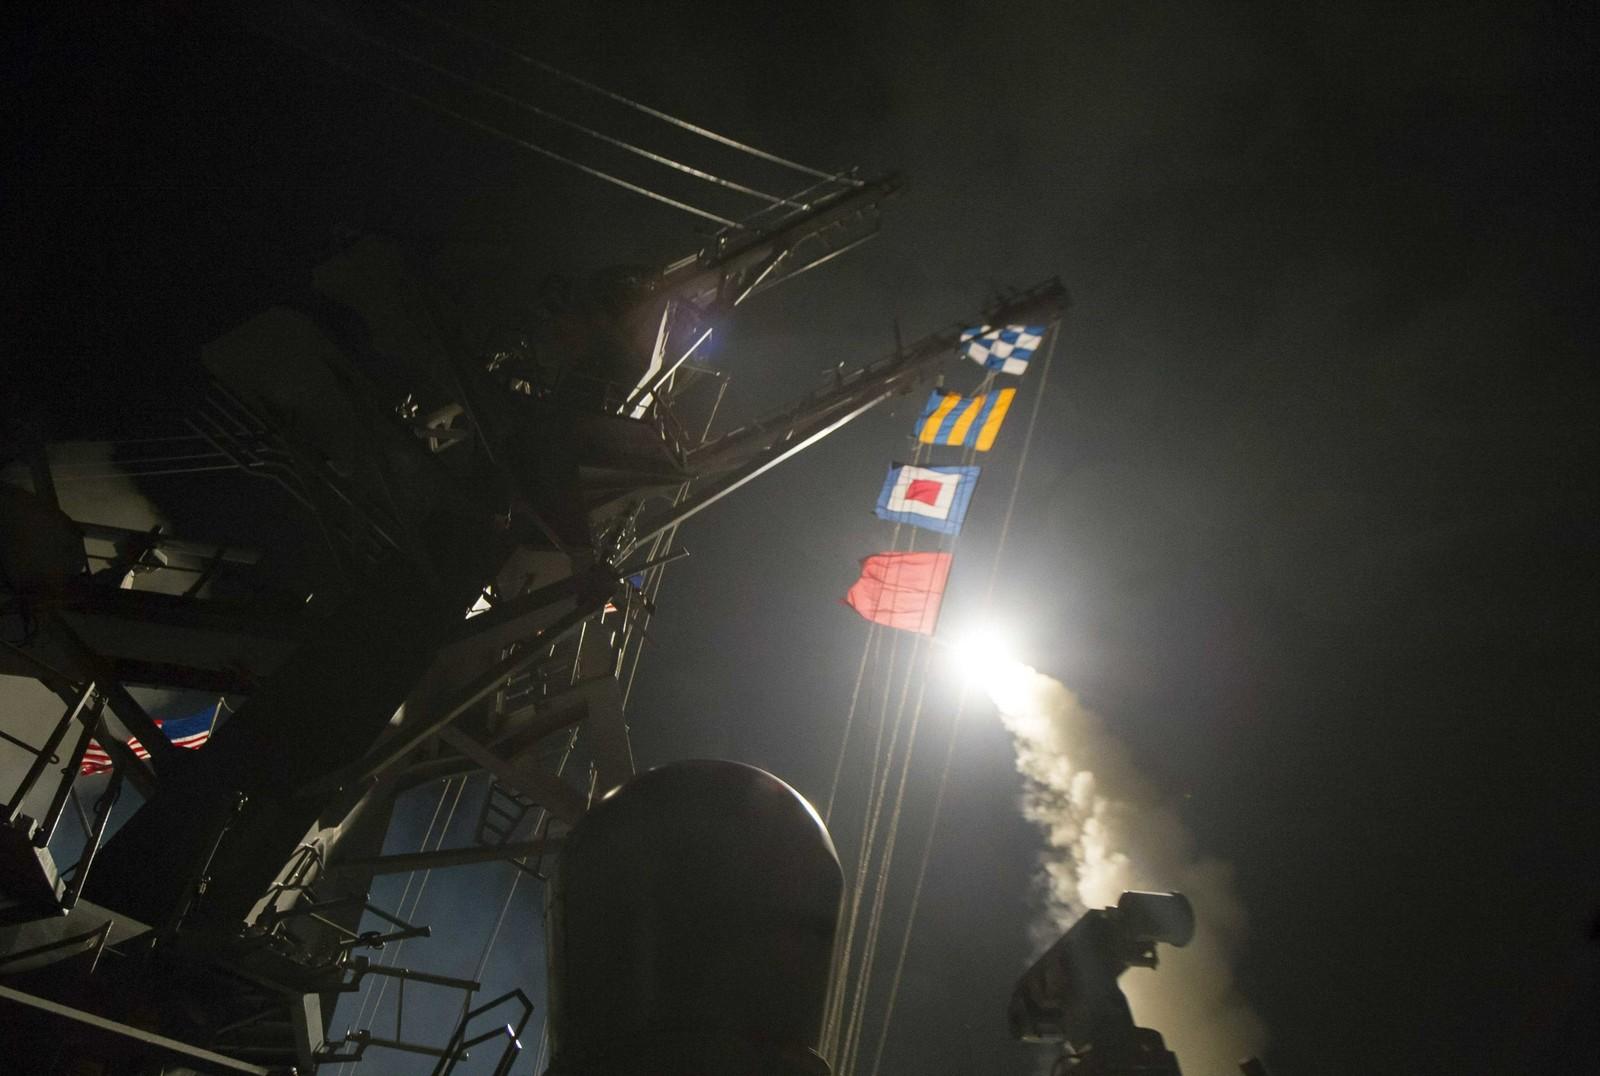 EUA lançam mísseis contra Síria; para Rússia, é 'ataque a país soberano'